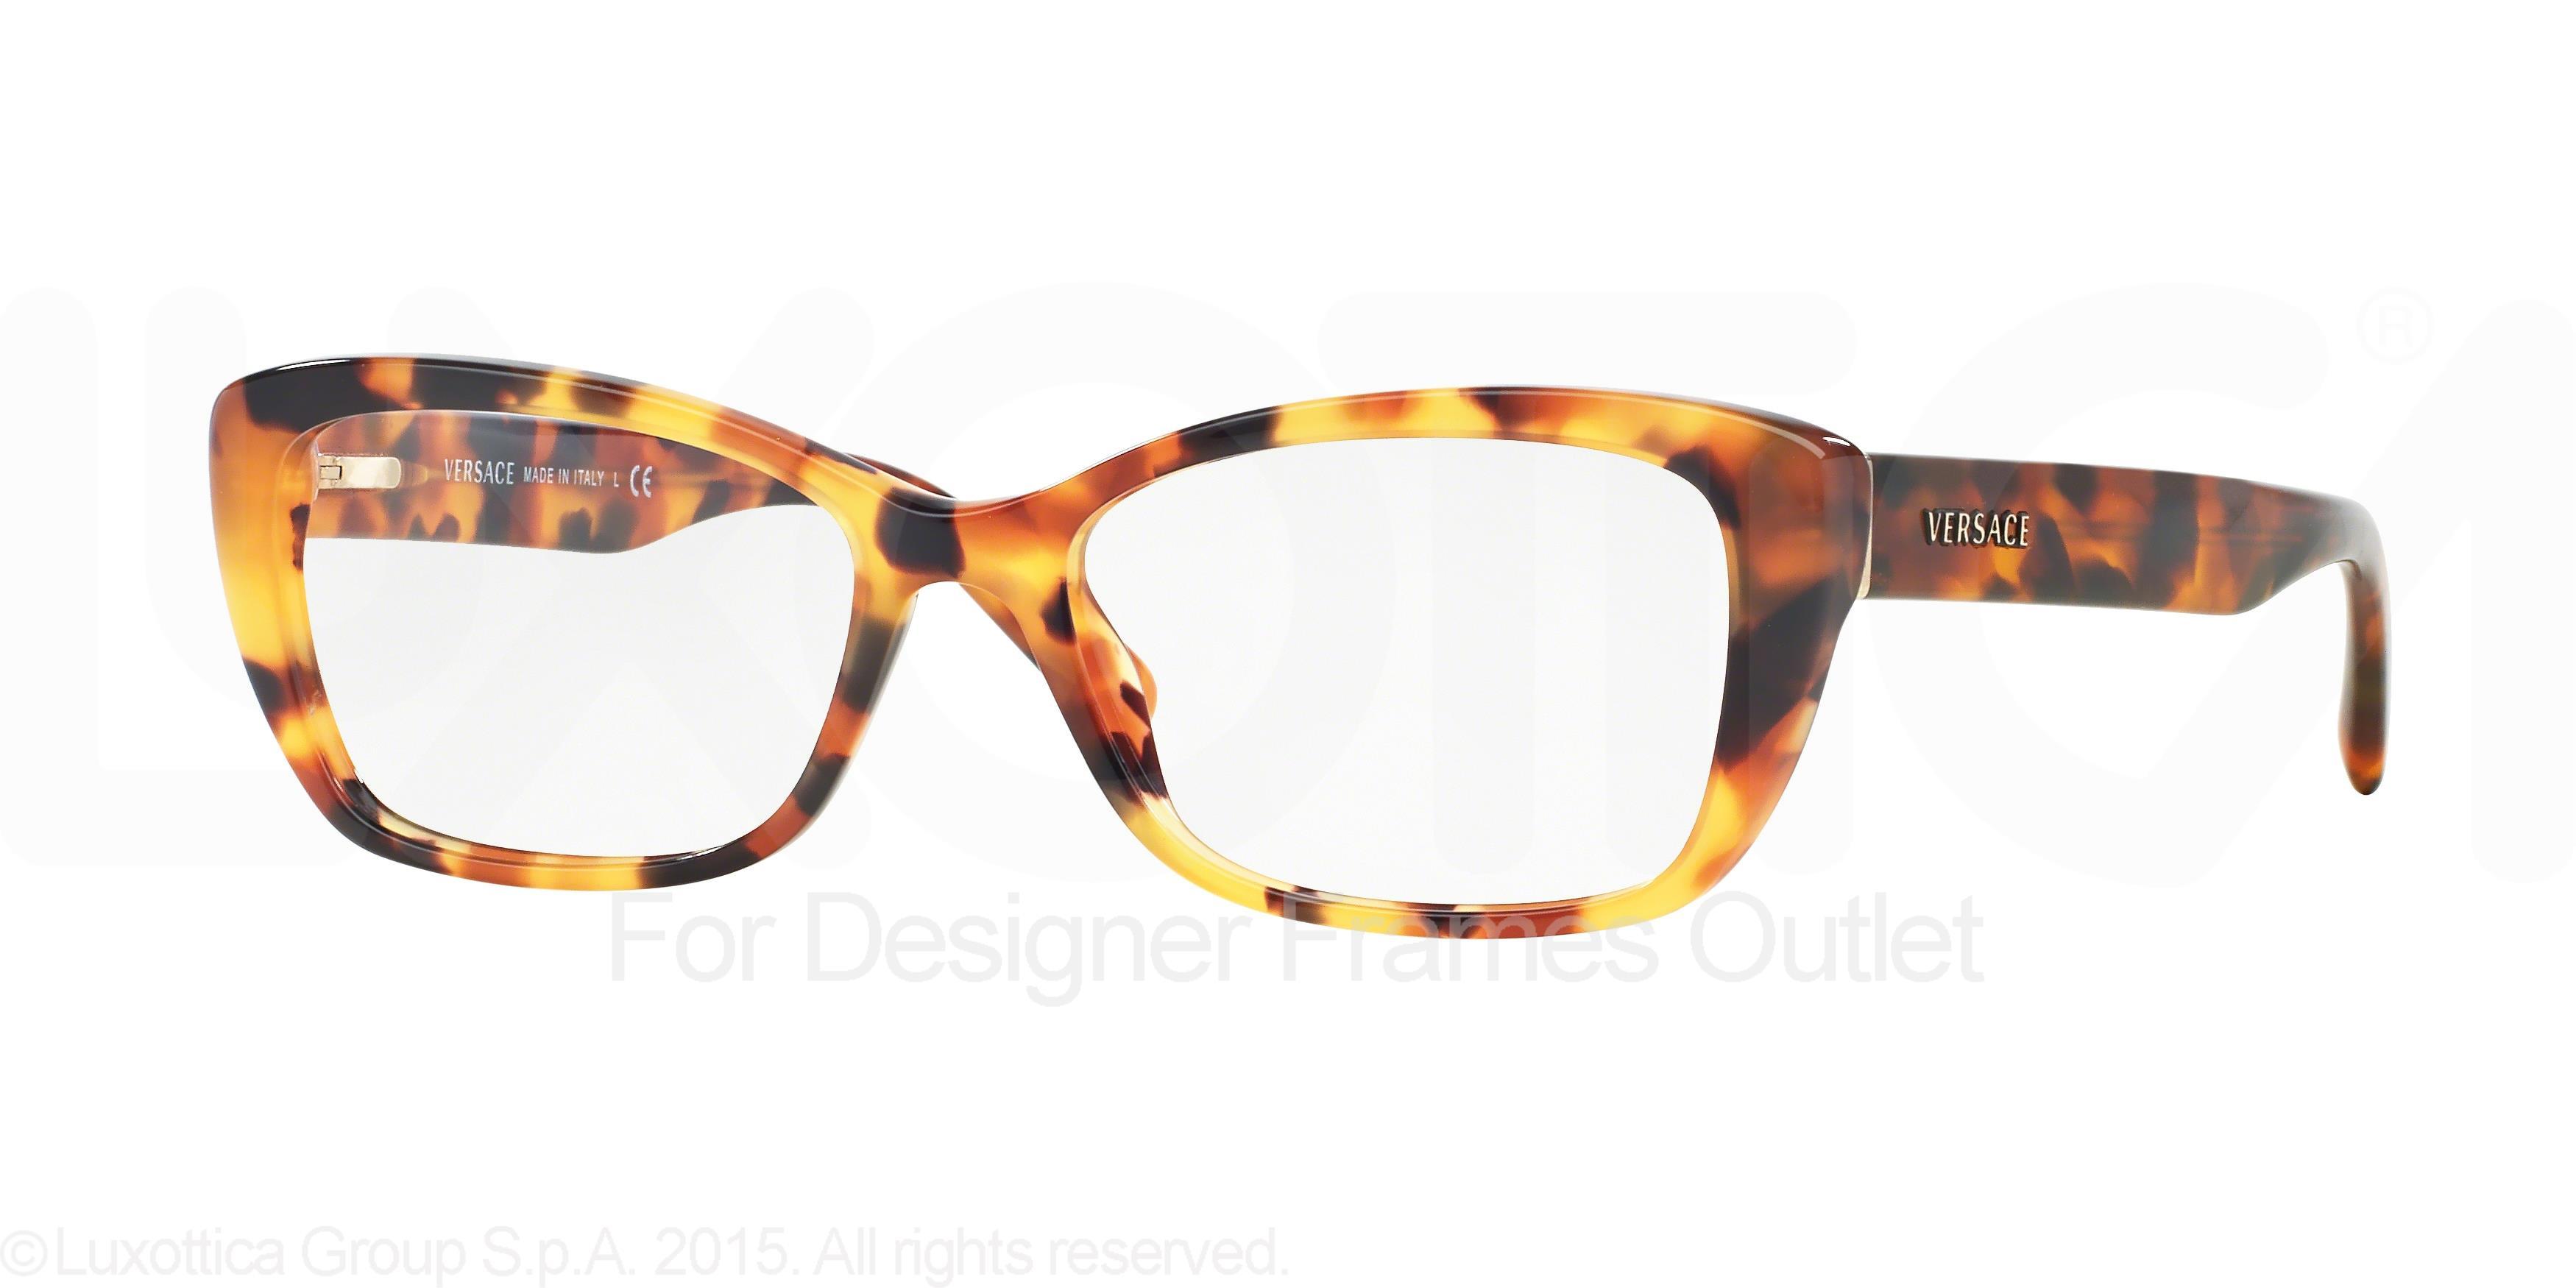 a311bf6d8864 Designer Glasses Frames Outlet